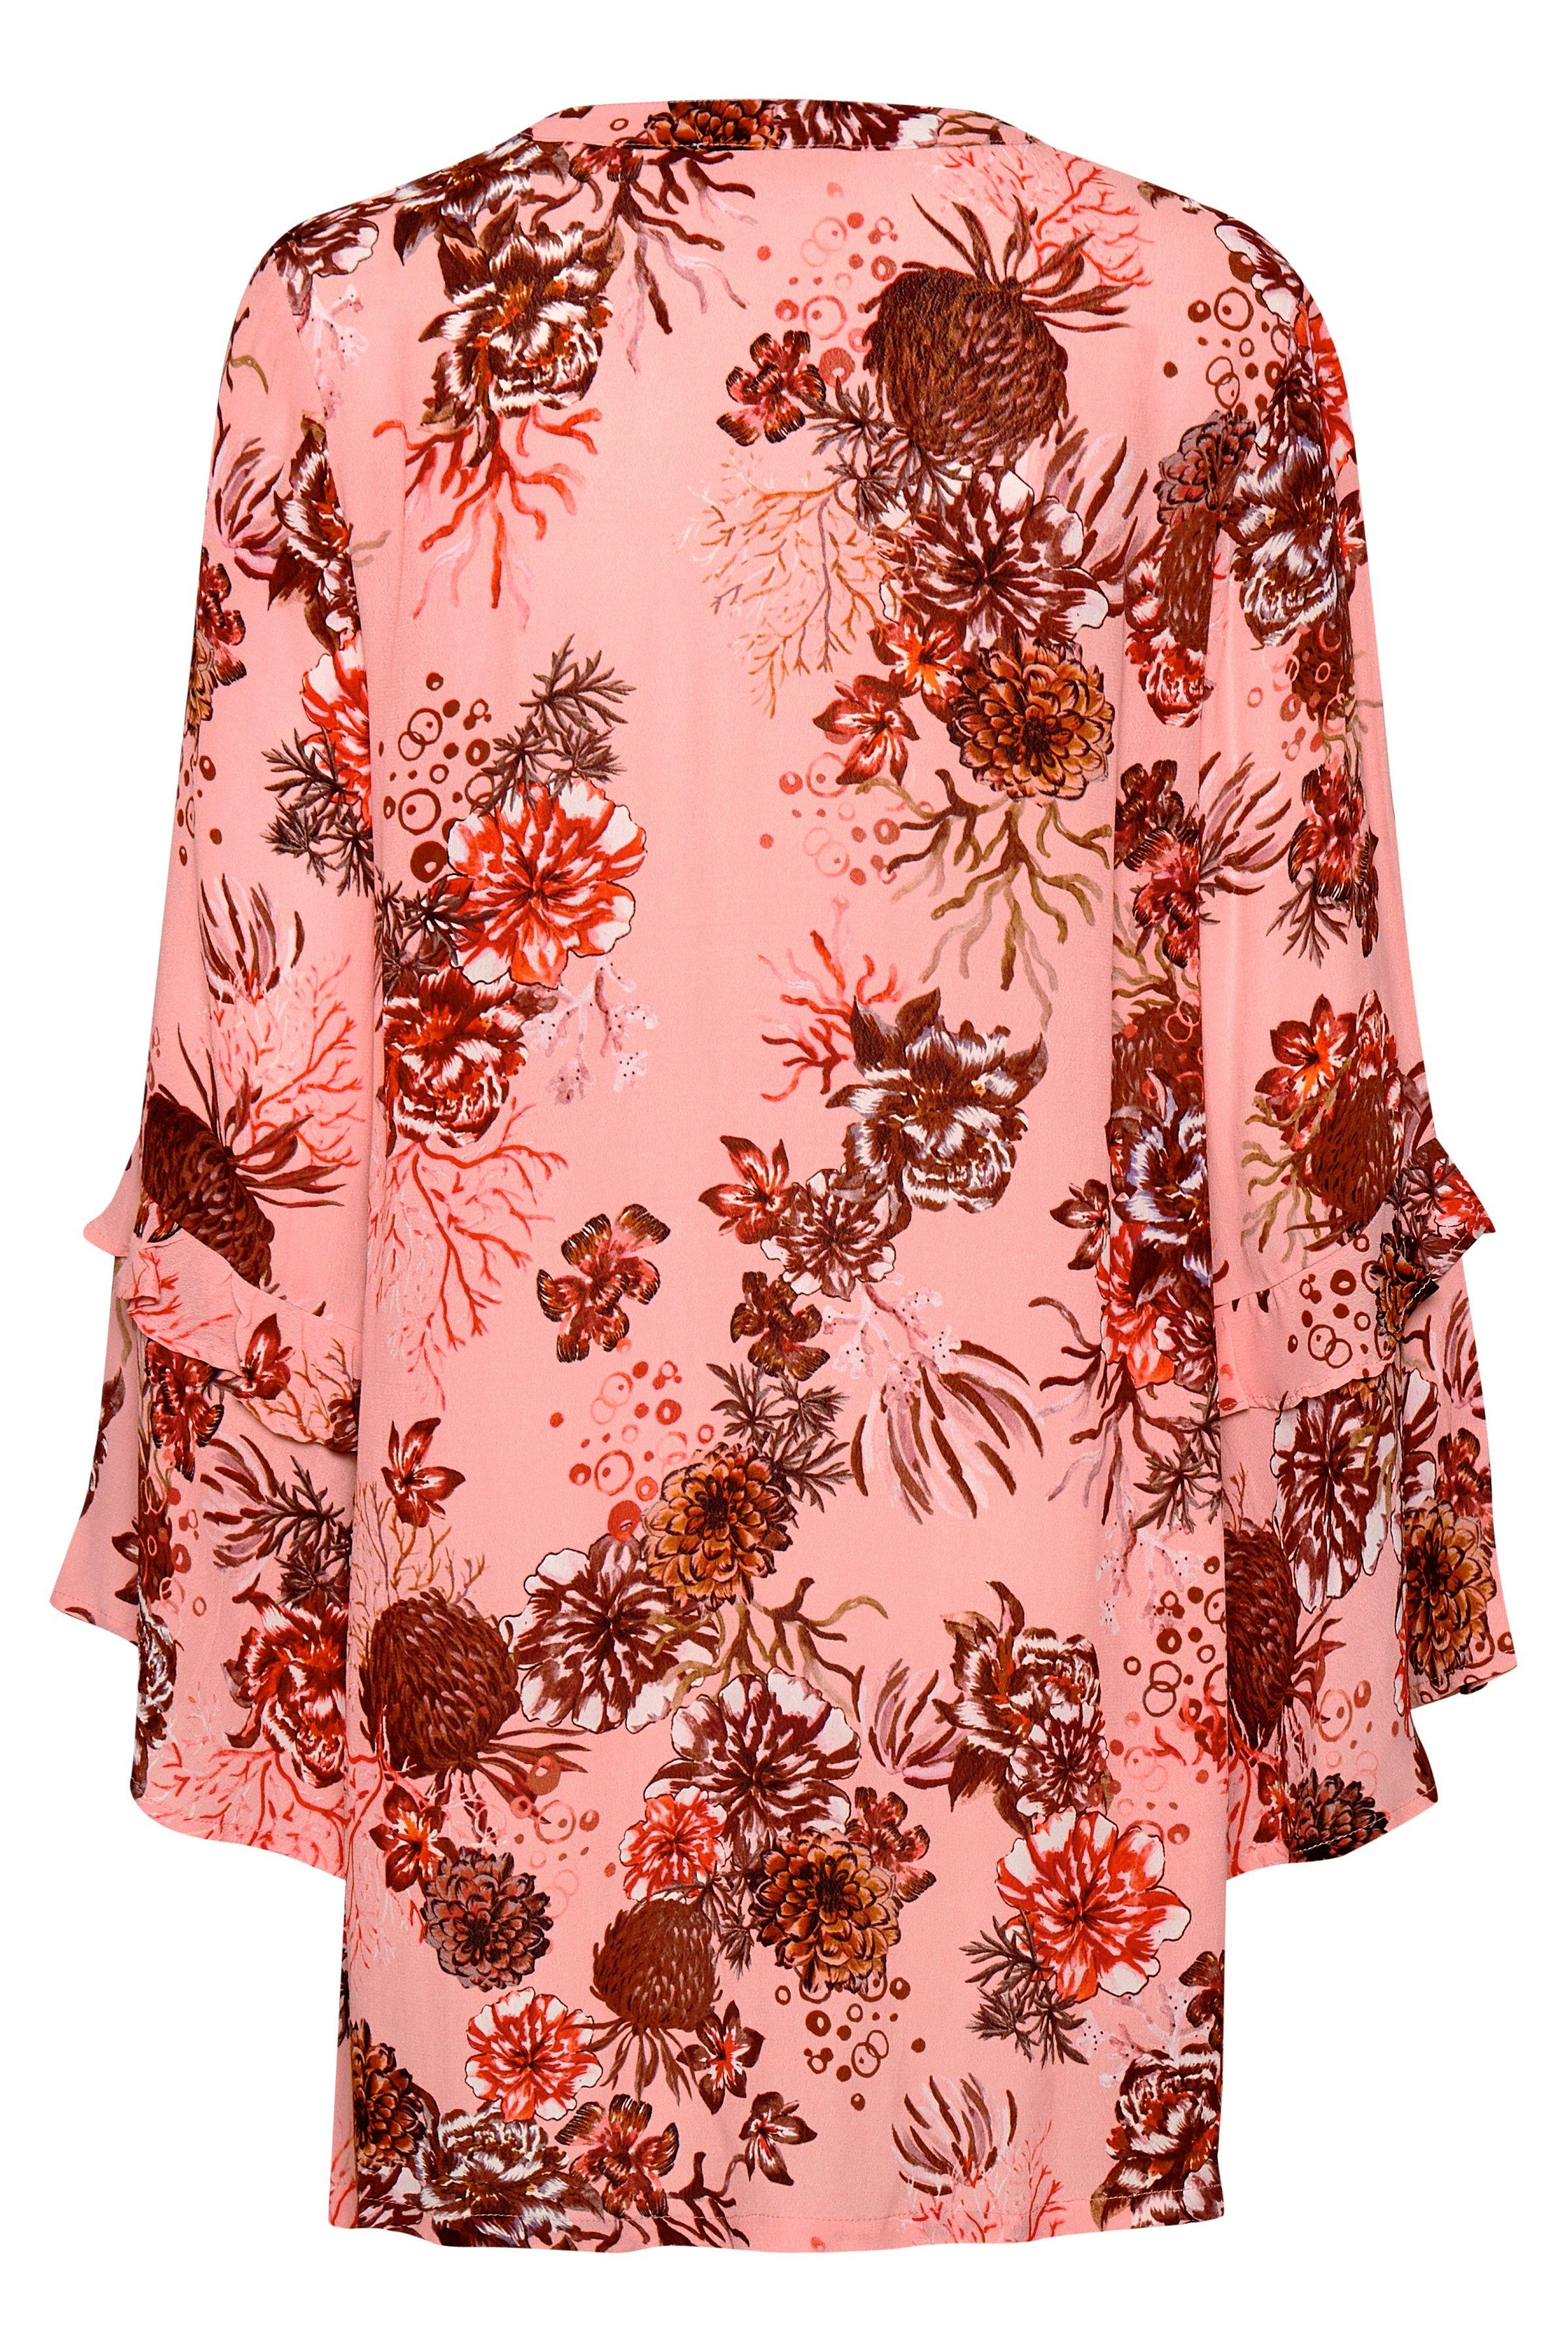 Rosa/mörk rosa Klänning från Cream – Köp Rosa/mörk rosa Klänning från stl. 34-46 här